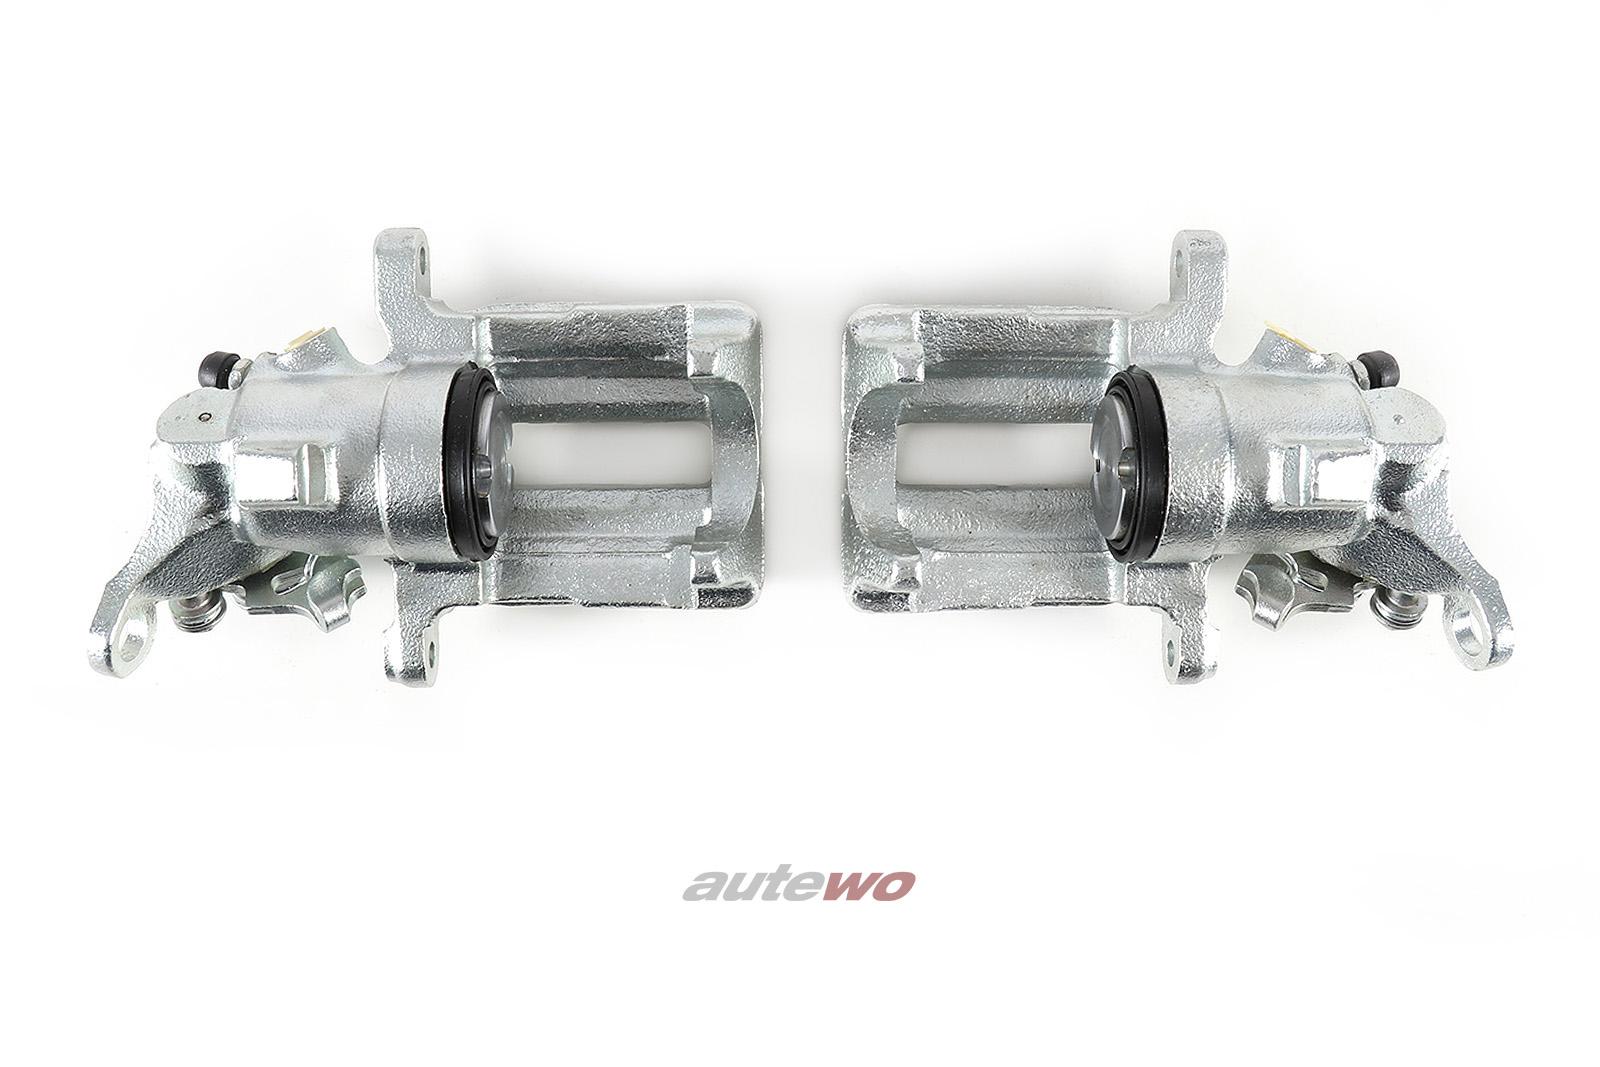 #447615423/447615424 Audi 100/200/V8/Urquattro Bremssättel Hinten aufbereitet